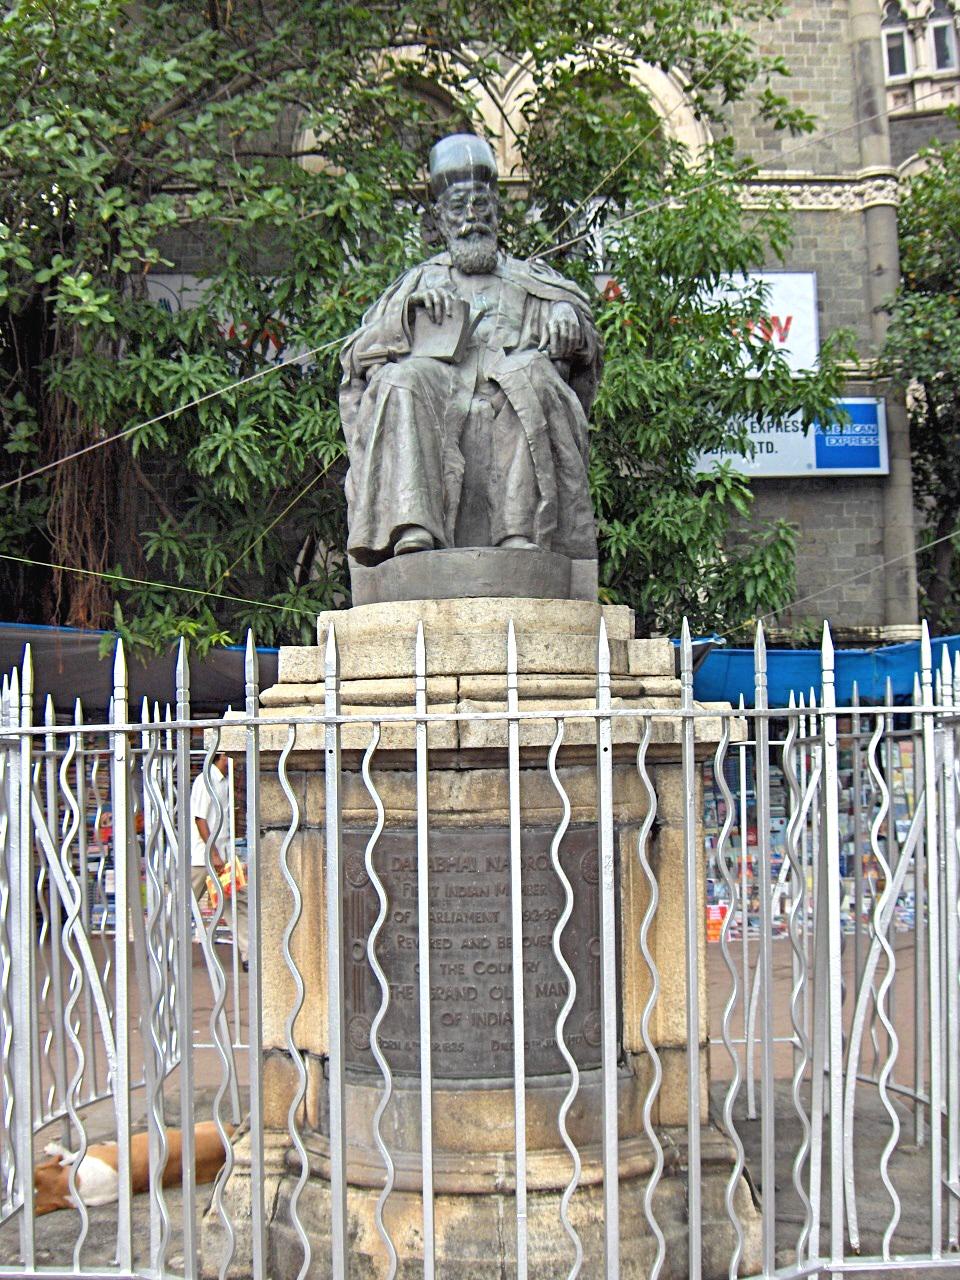 Dadabhai Naoroji statue in Mumbai, India